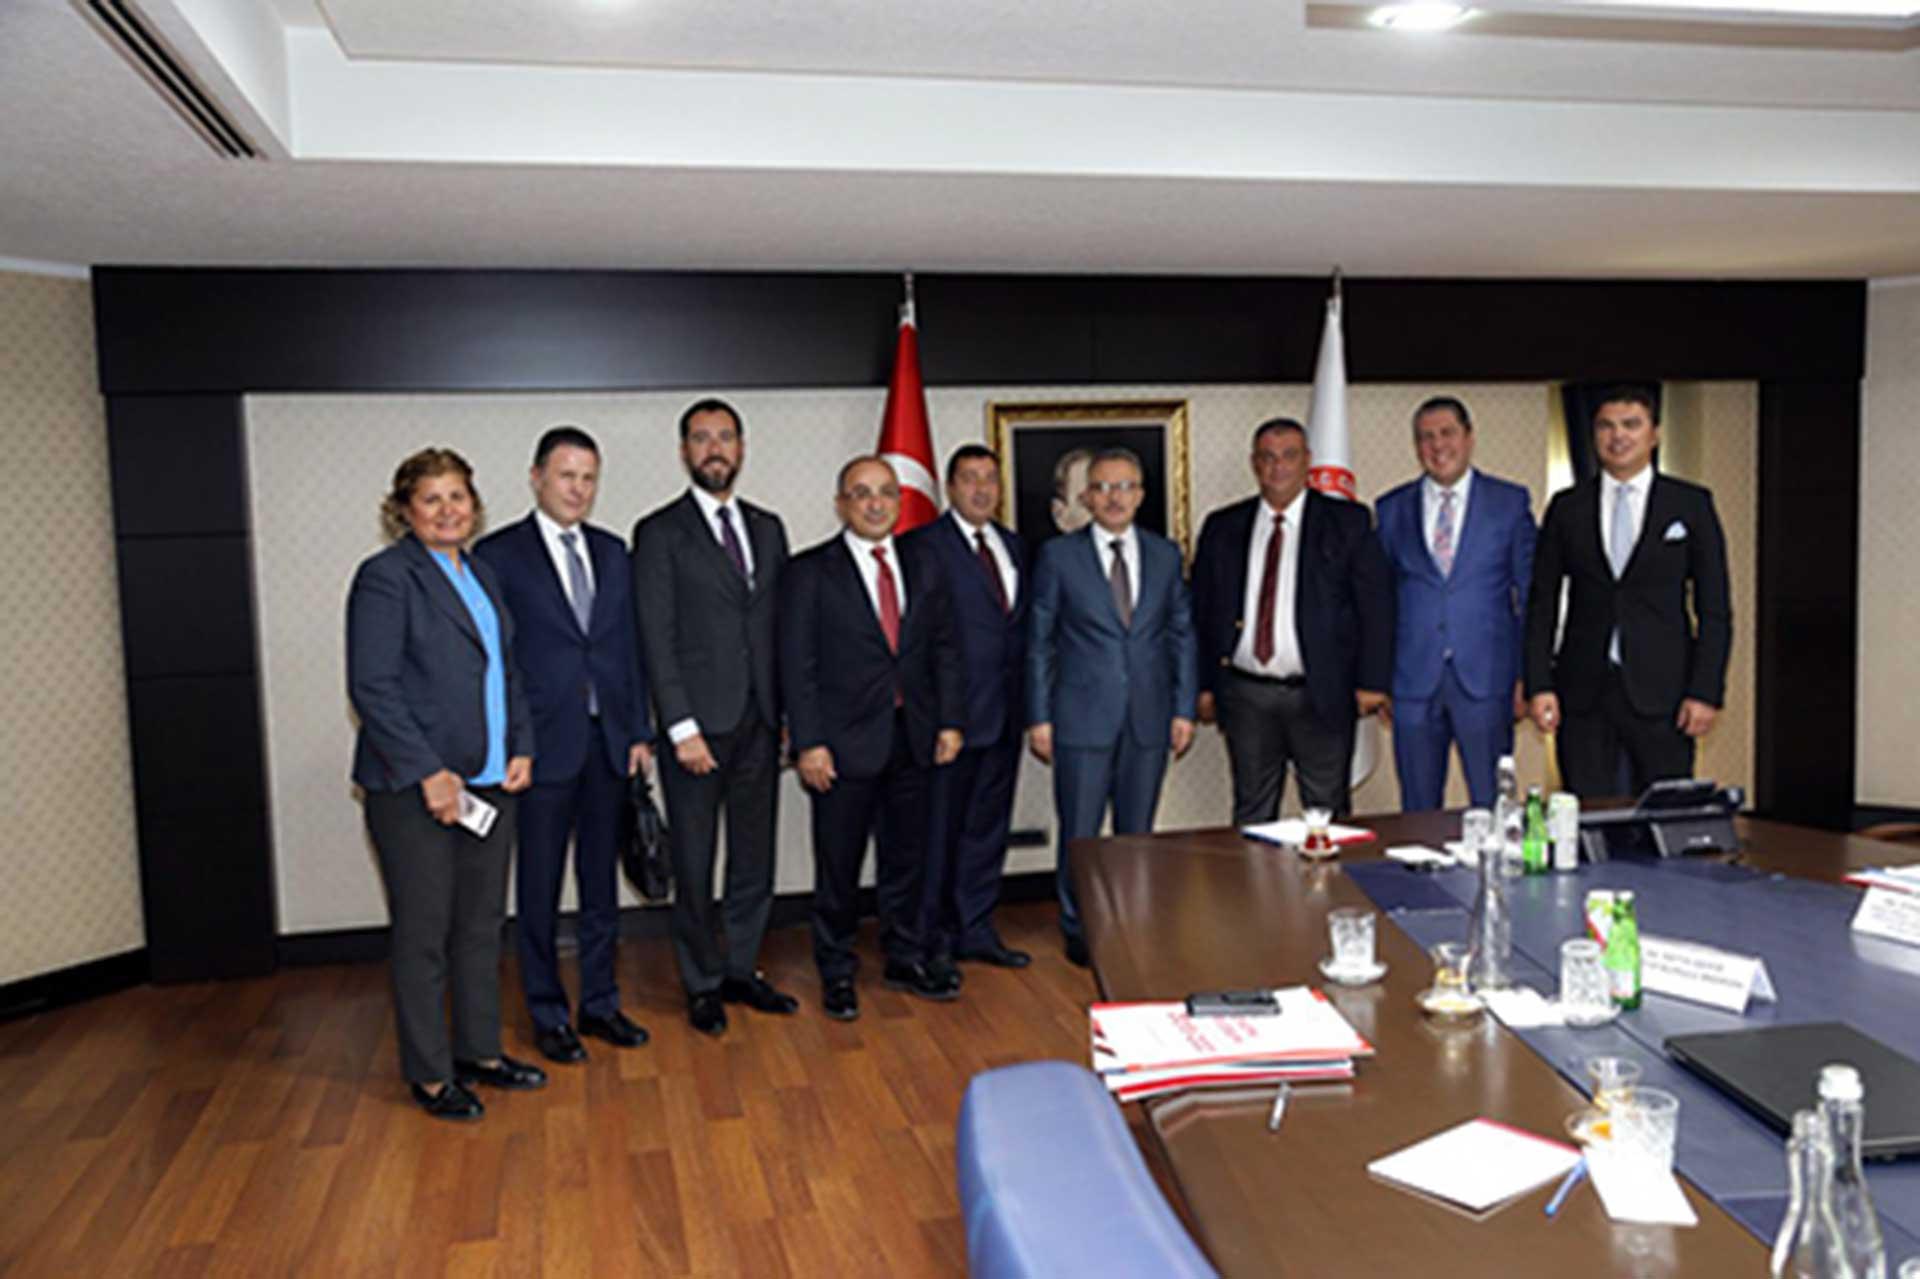 Başkanımız, Sn. Naci Ağbal ile görüştü